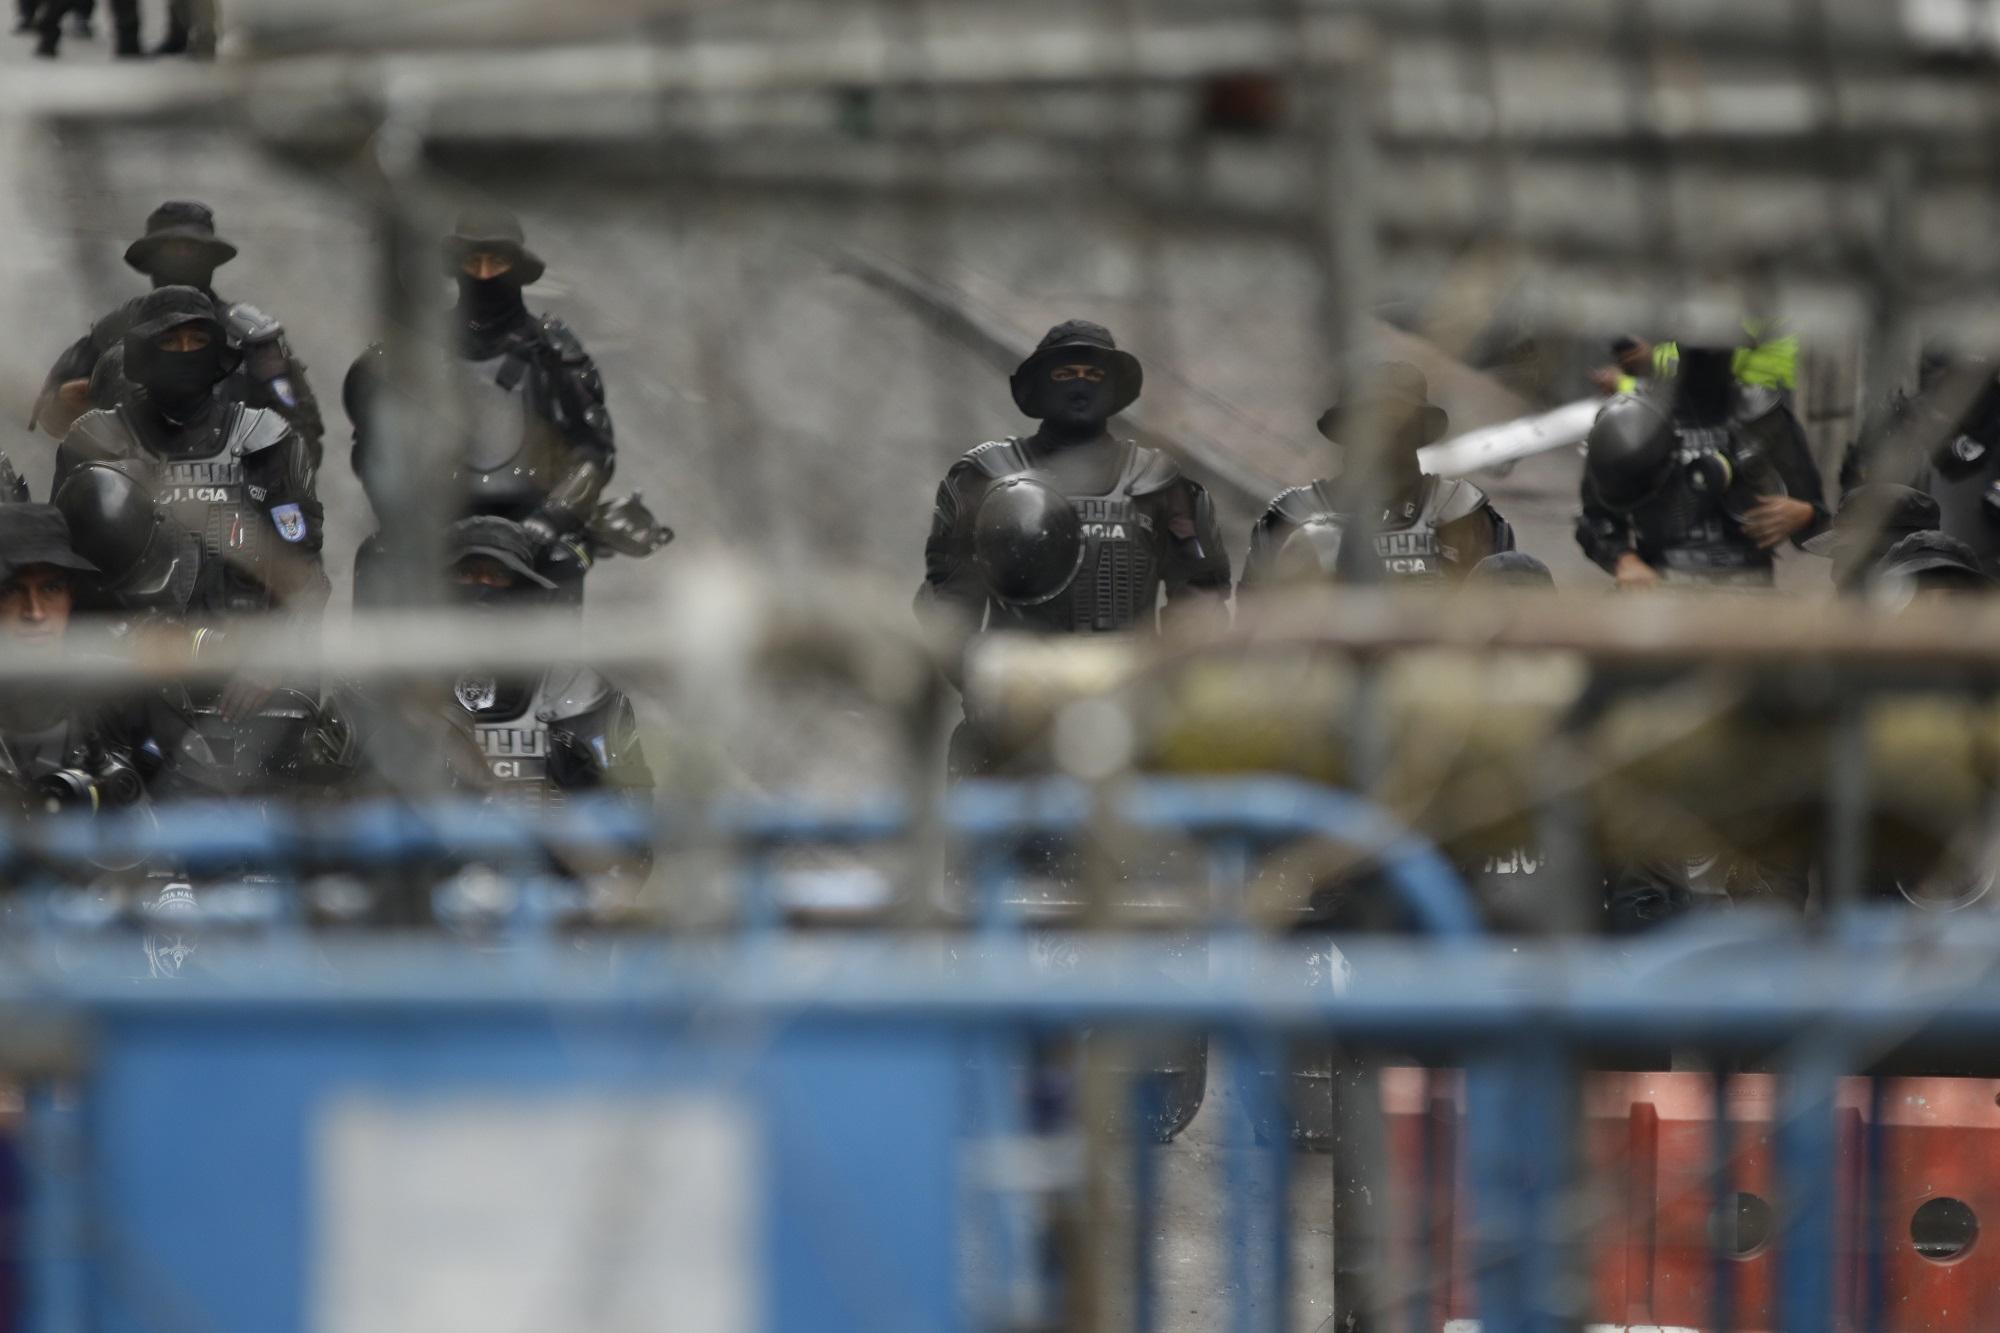 Ισημερινός: Τουλάχιστον 50 κρατούμενοι νεκροί σε εξεγέρσεις σε φυλακές